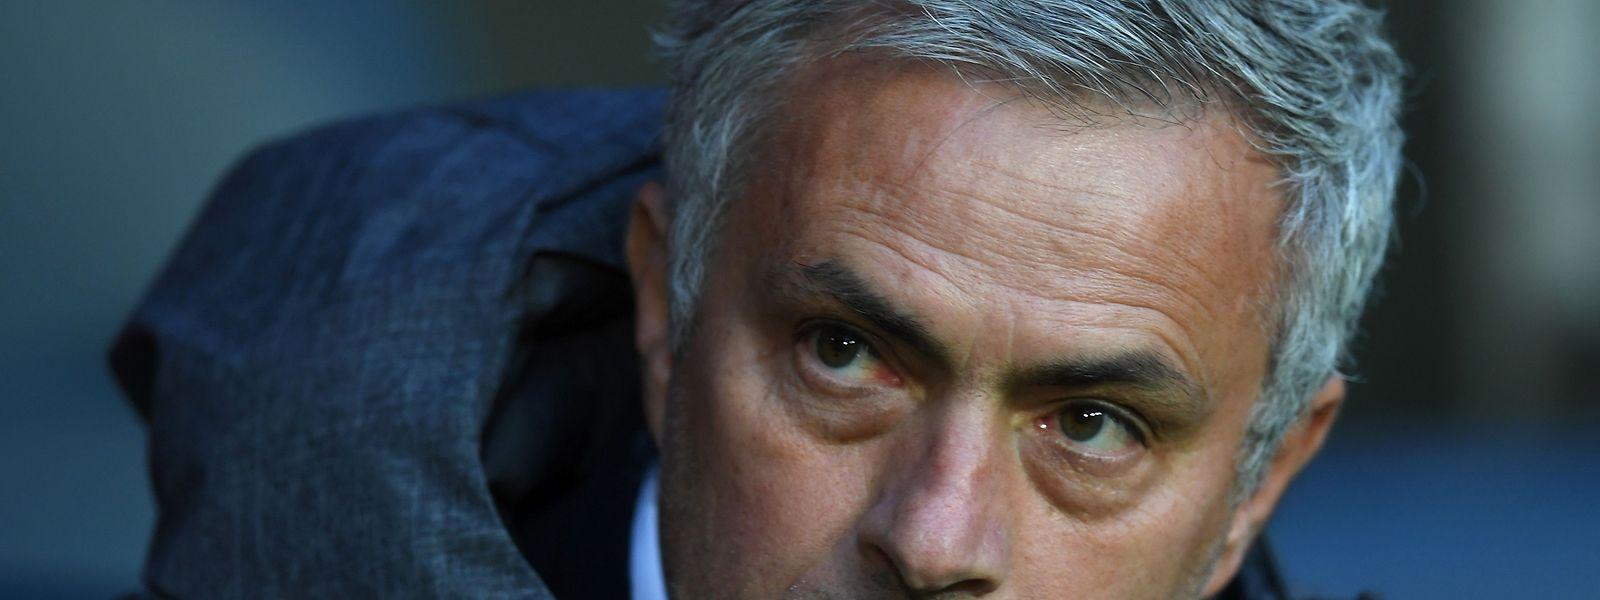 Mourinho wird sich wegen eines Steuervergehens verantworten müssen.